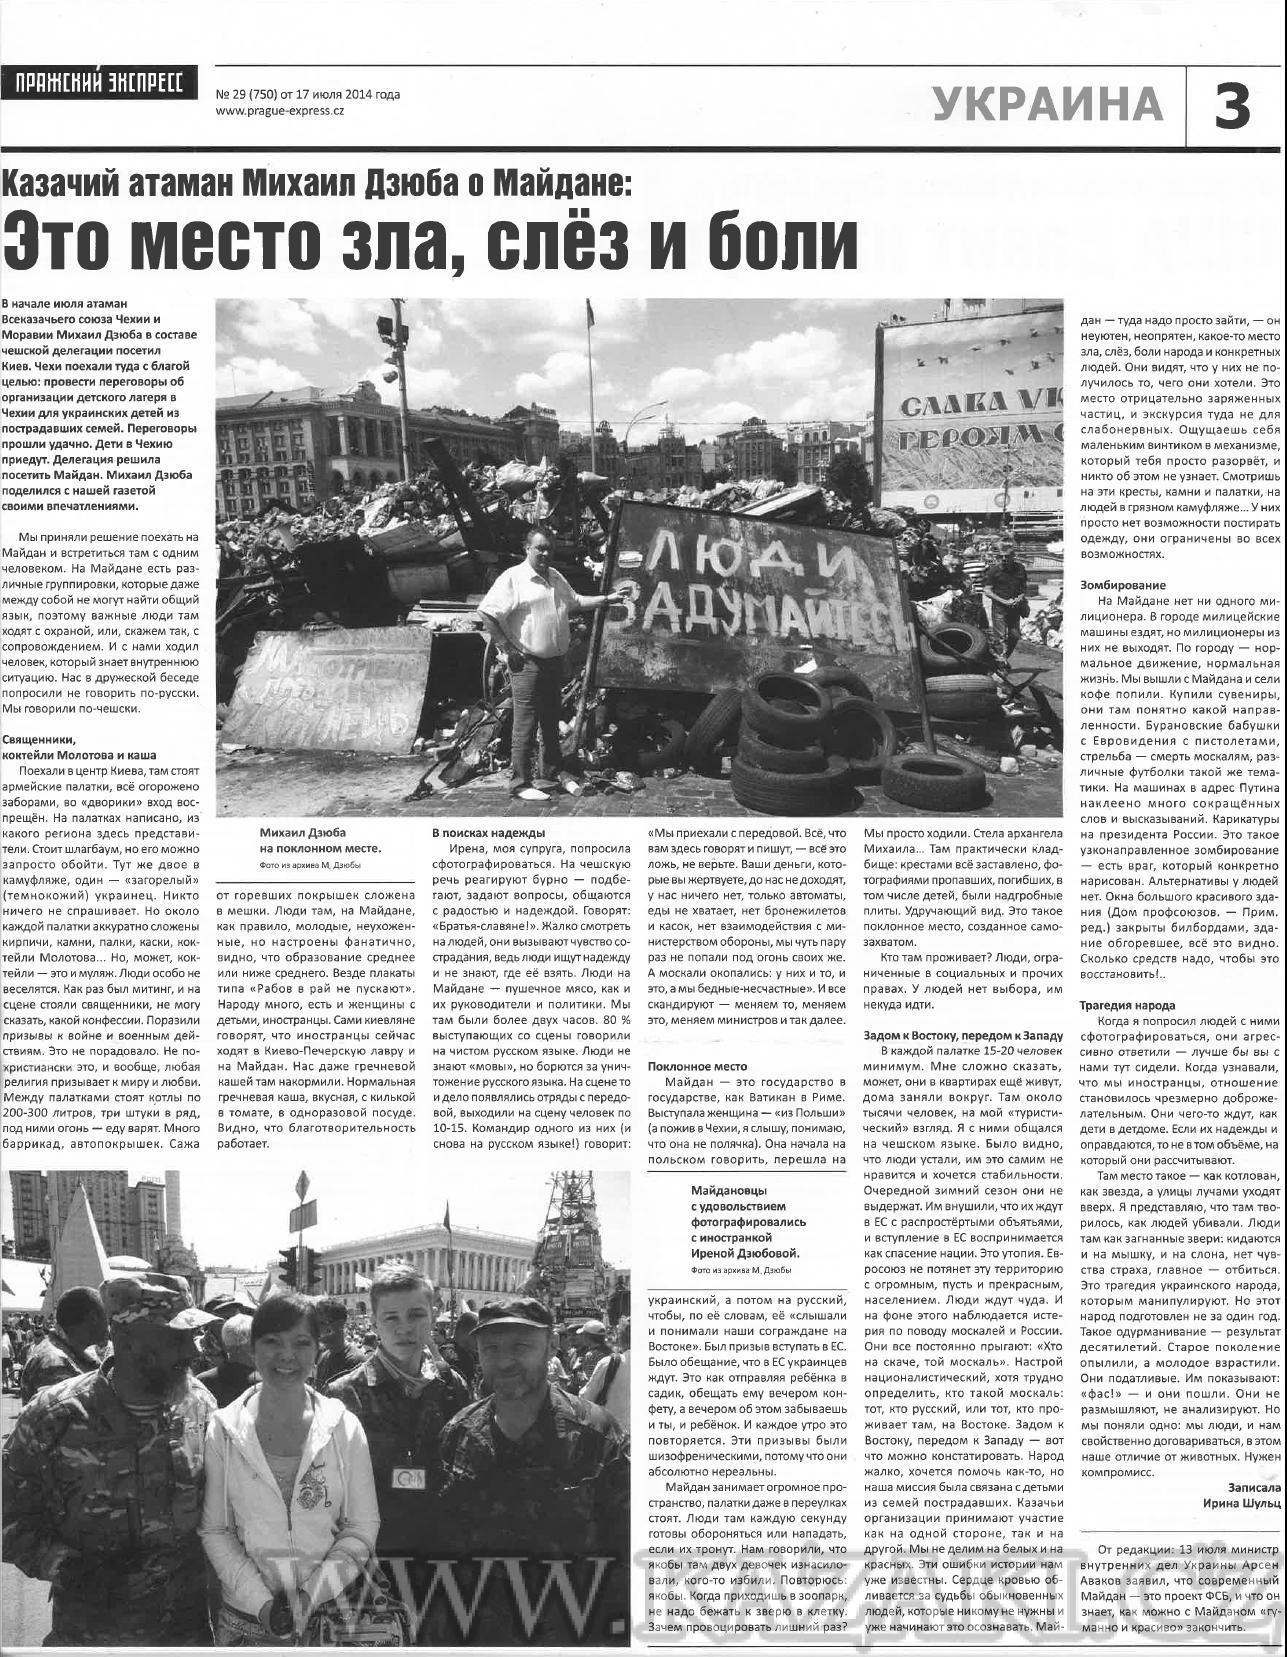 20140717_Prazsky-express-c29_Dzyuba-o-Majdanu